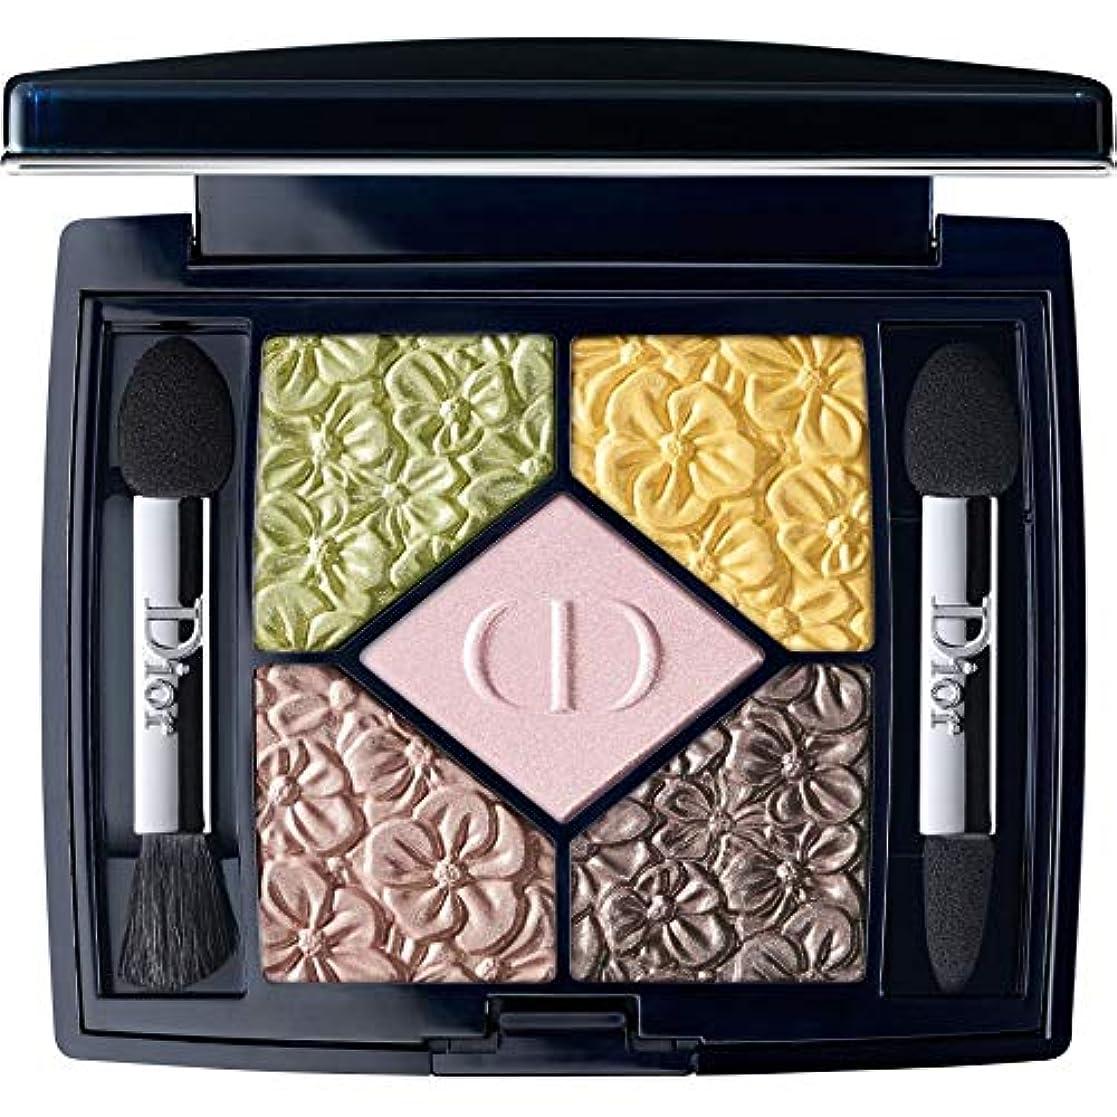 ワーディアンケース従事した注入する[Dior ] ディオールの庭園版クチュールカラー&エフェクトアイシャドウパレット4.5グラム451を輝く5 Couleursは - バラ園 - DIOR 5 Couleurs Glowing Gardens Edition...